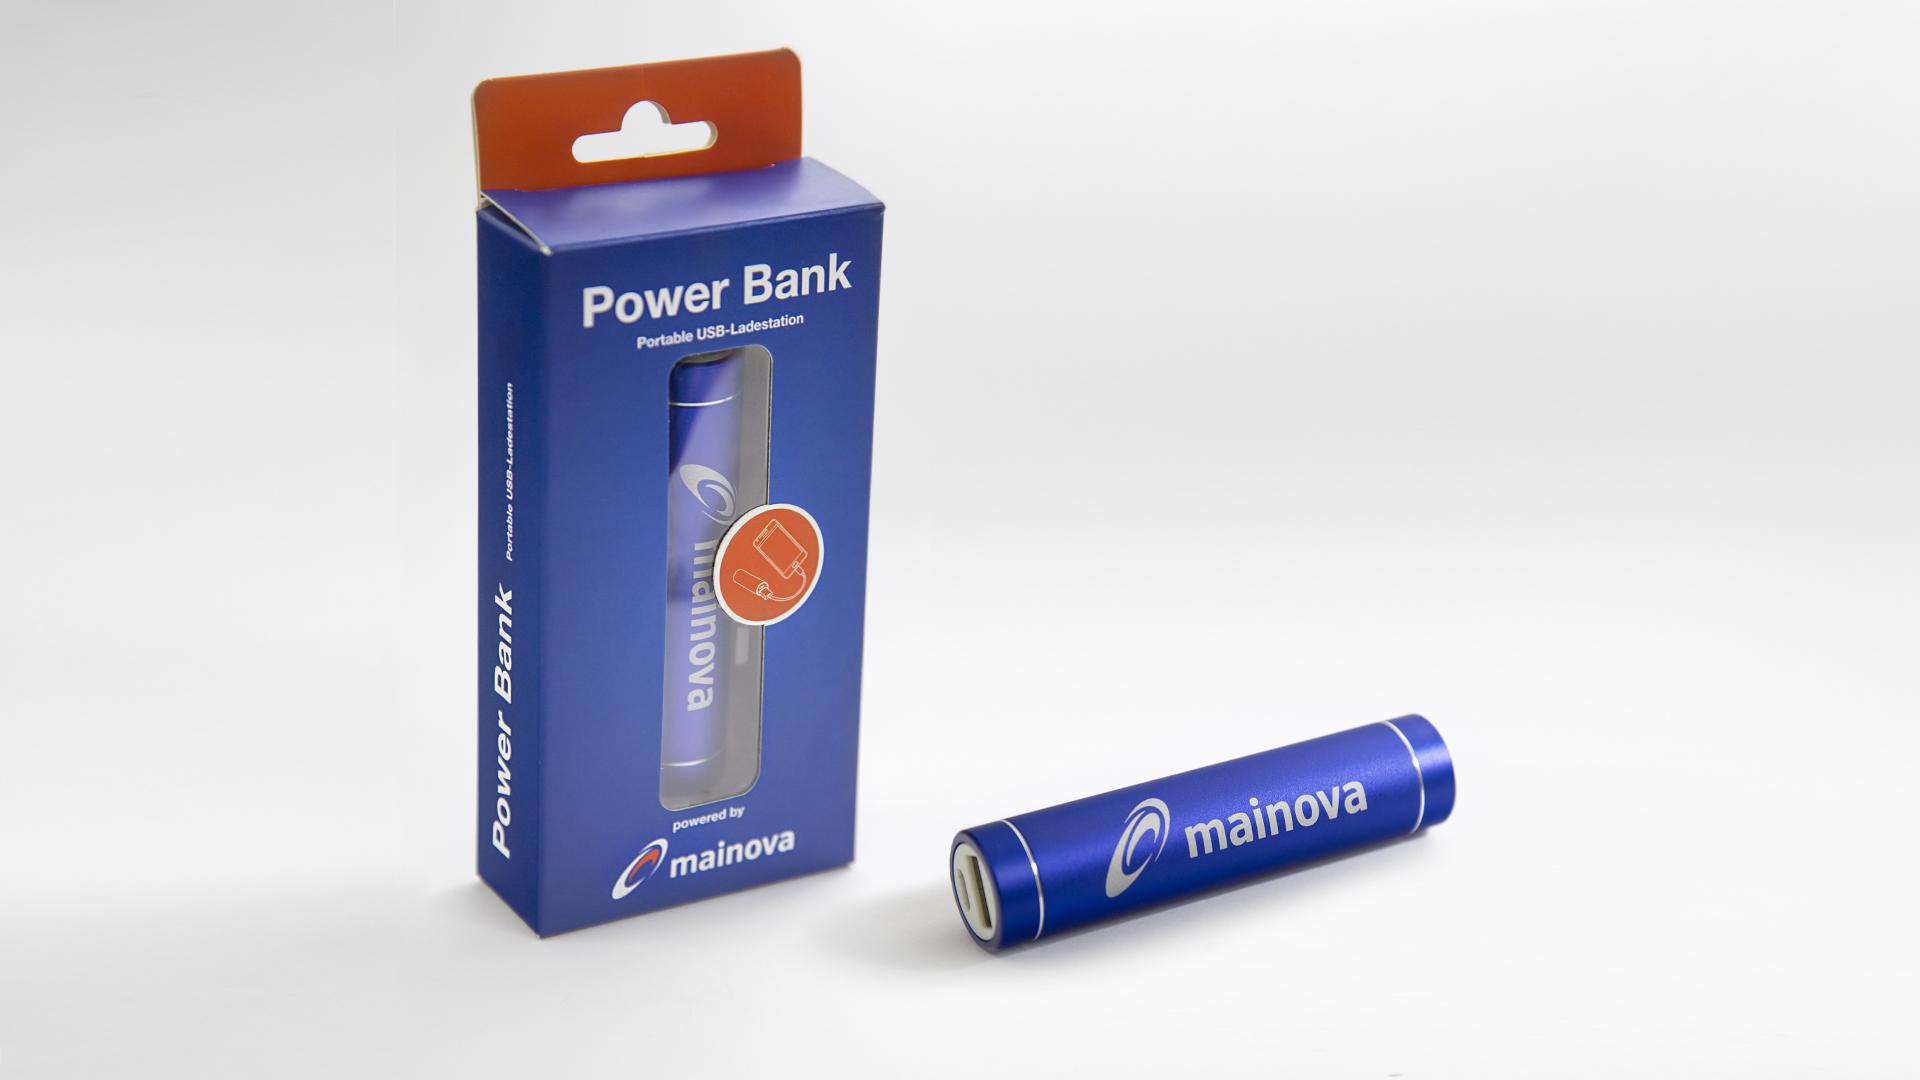 Mainova Powerbank